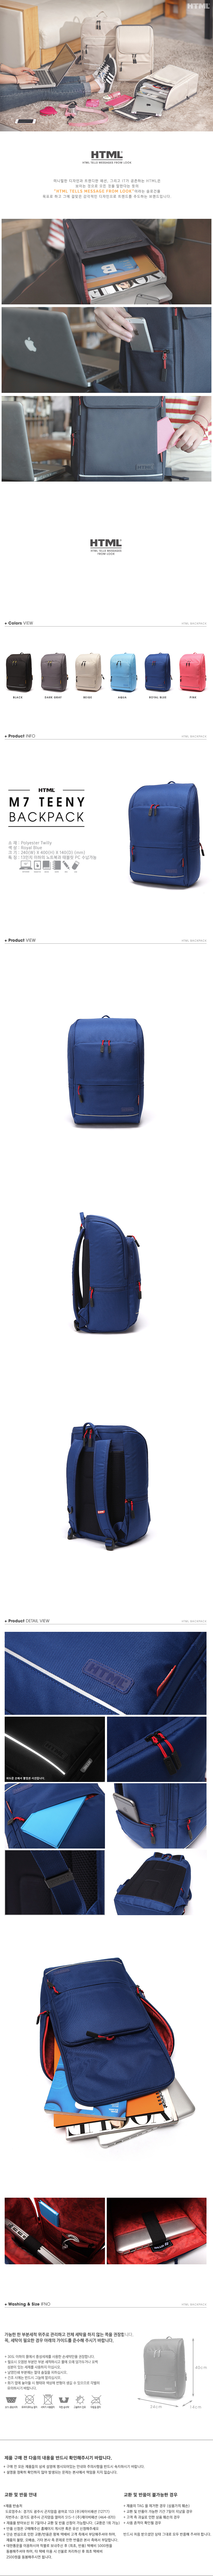 [에이치티엠엘]HTML-M7 WOMAN TEENY (2015) Backpack (R.BLUE) 티니 백팩